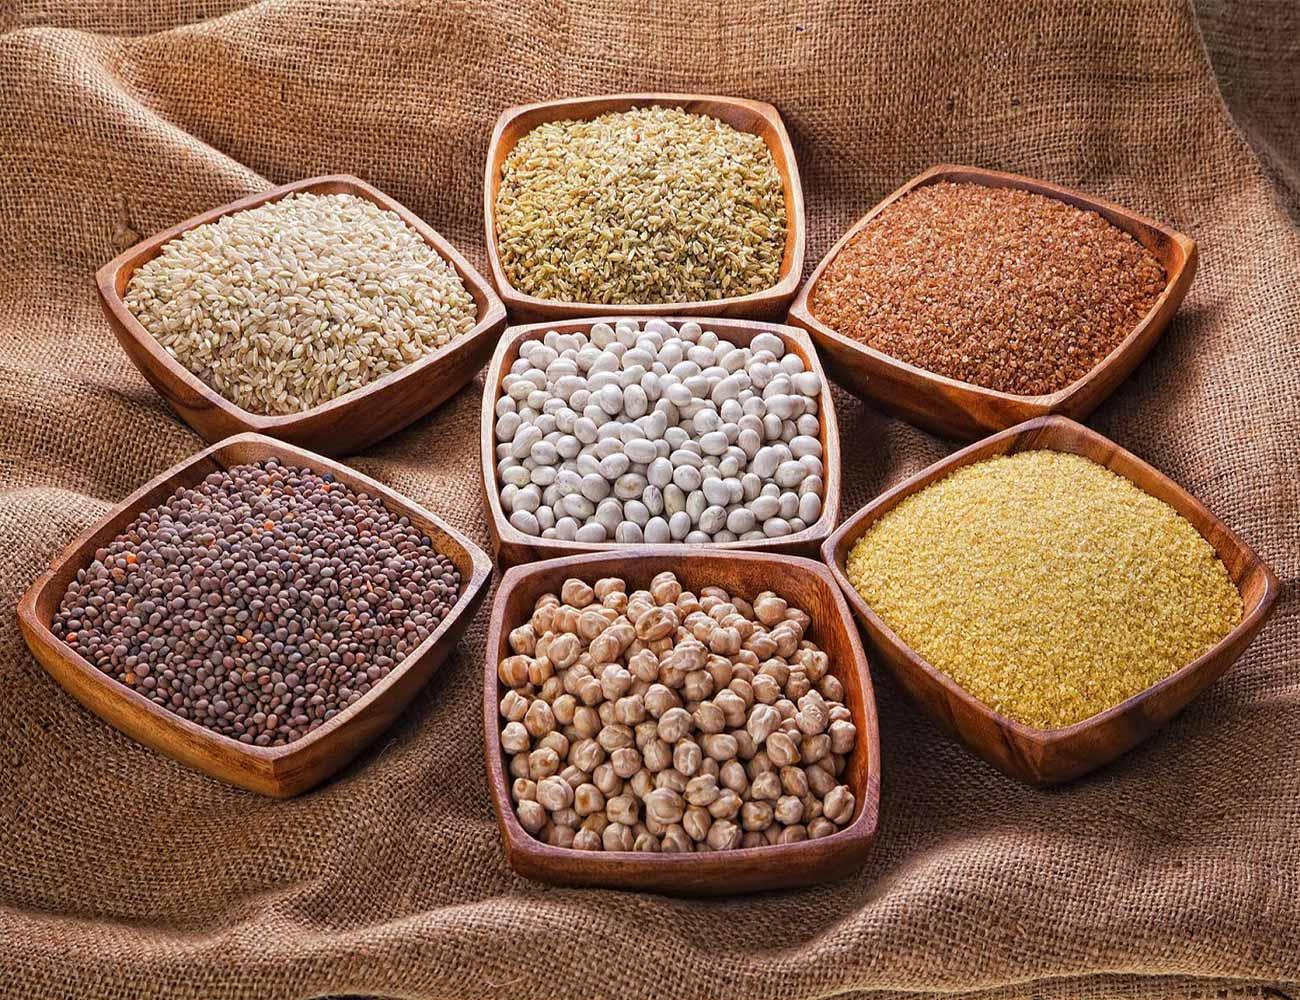 kuru_baklagiller_beslenme Besin Değişim Listesi Örneği ve Diyet Besin Eşdeğerleri Tablo Cetveli